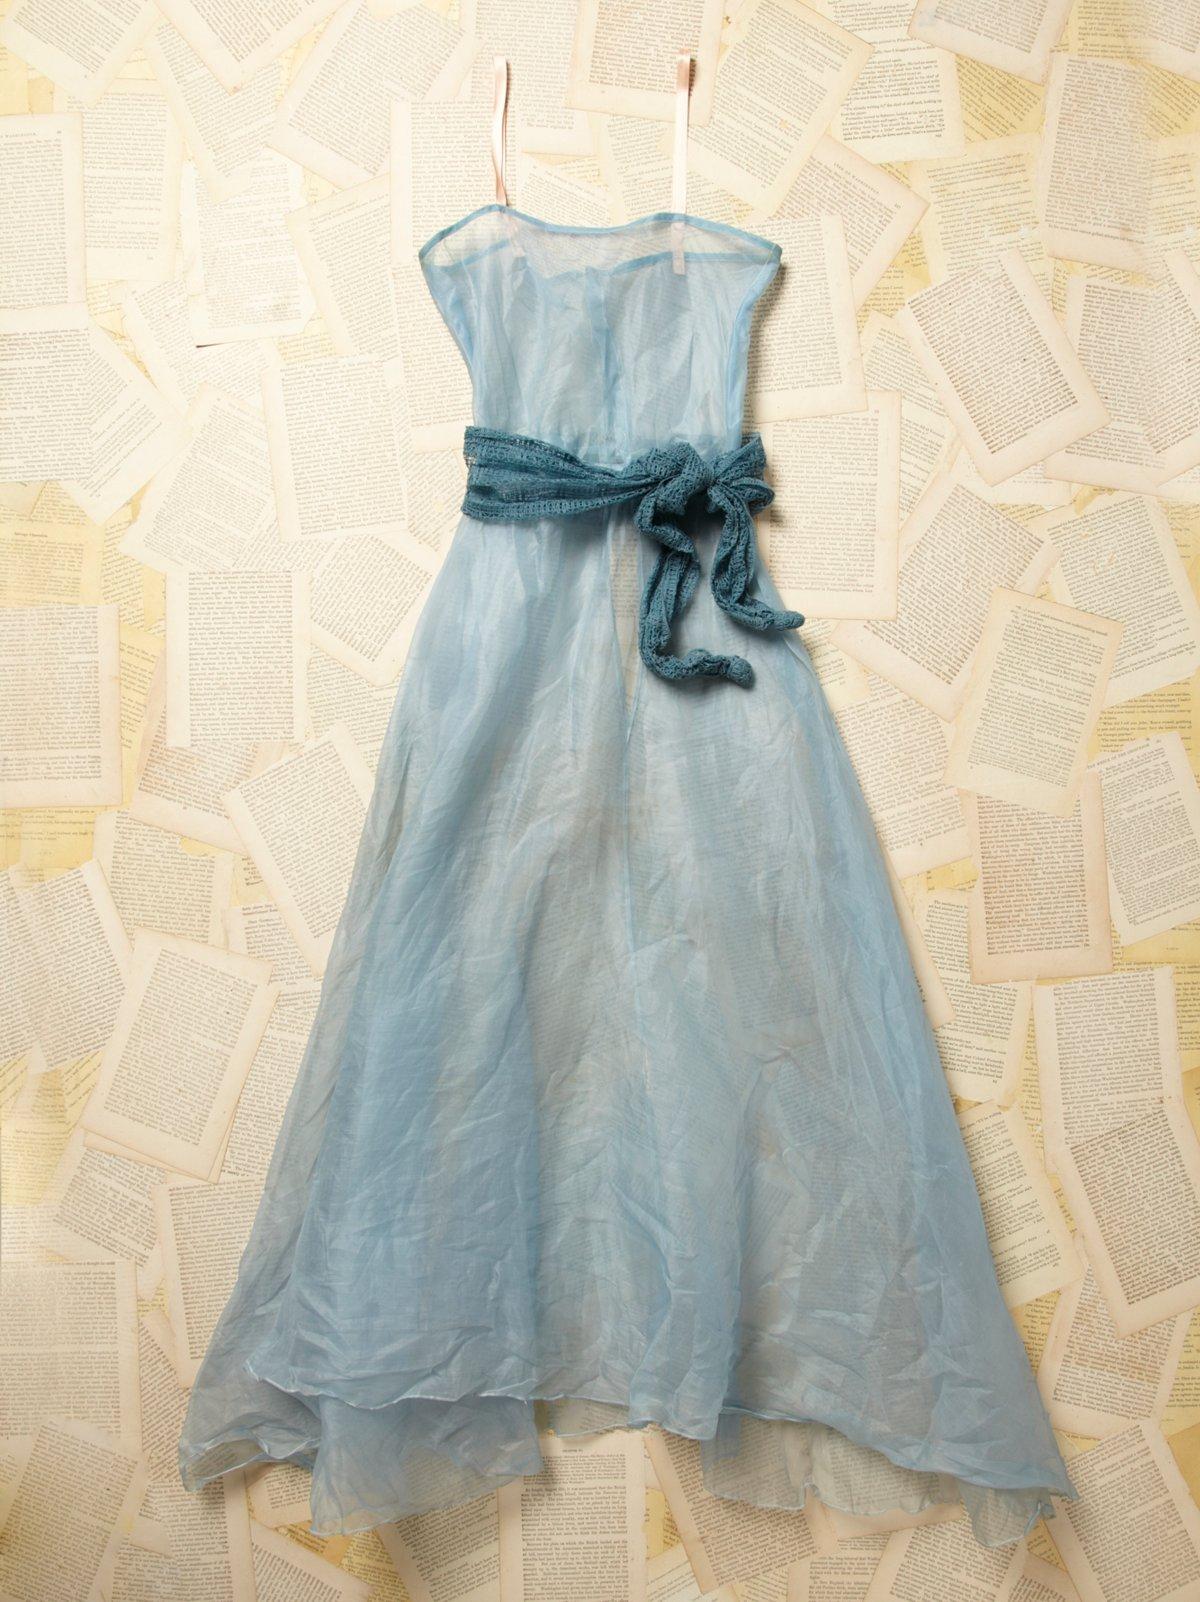 Vintage 1930s Sheer Blue Dress